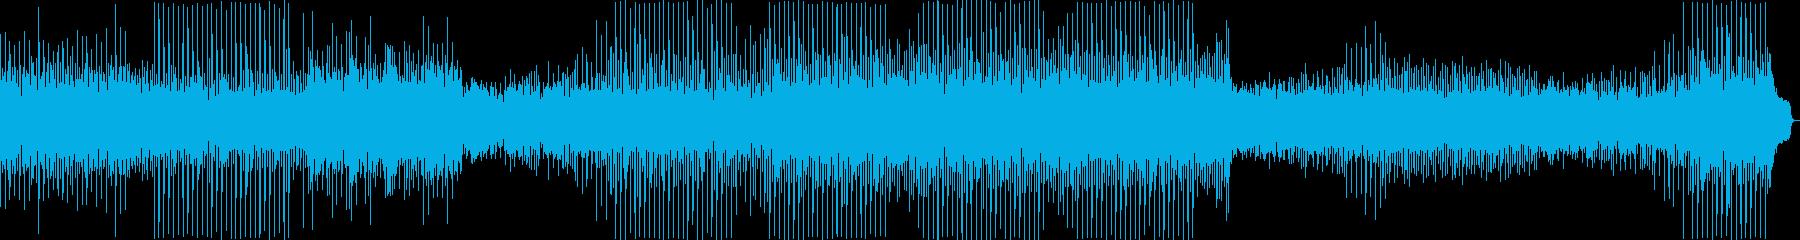 何気ない日常を描いたようなポップスの再生済みの波形